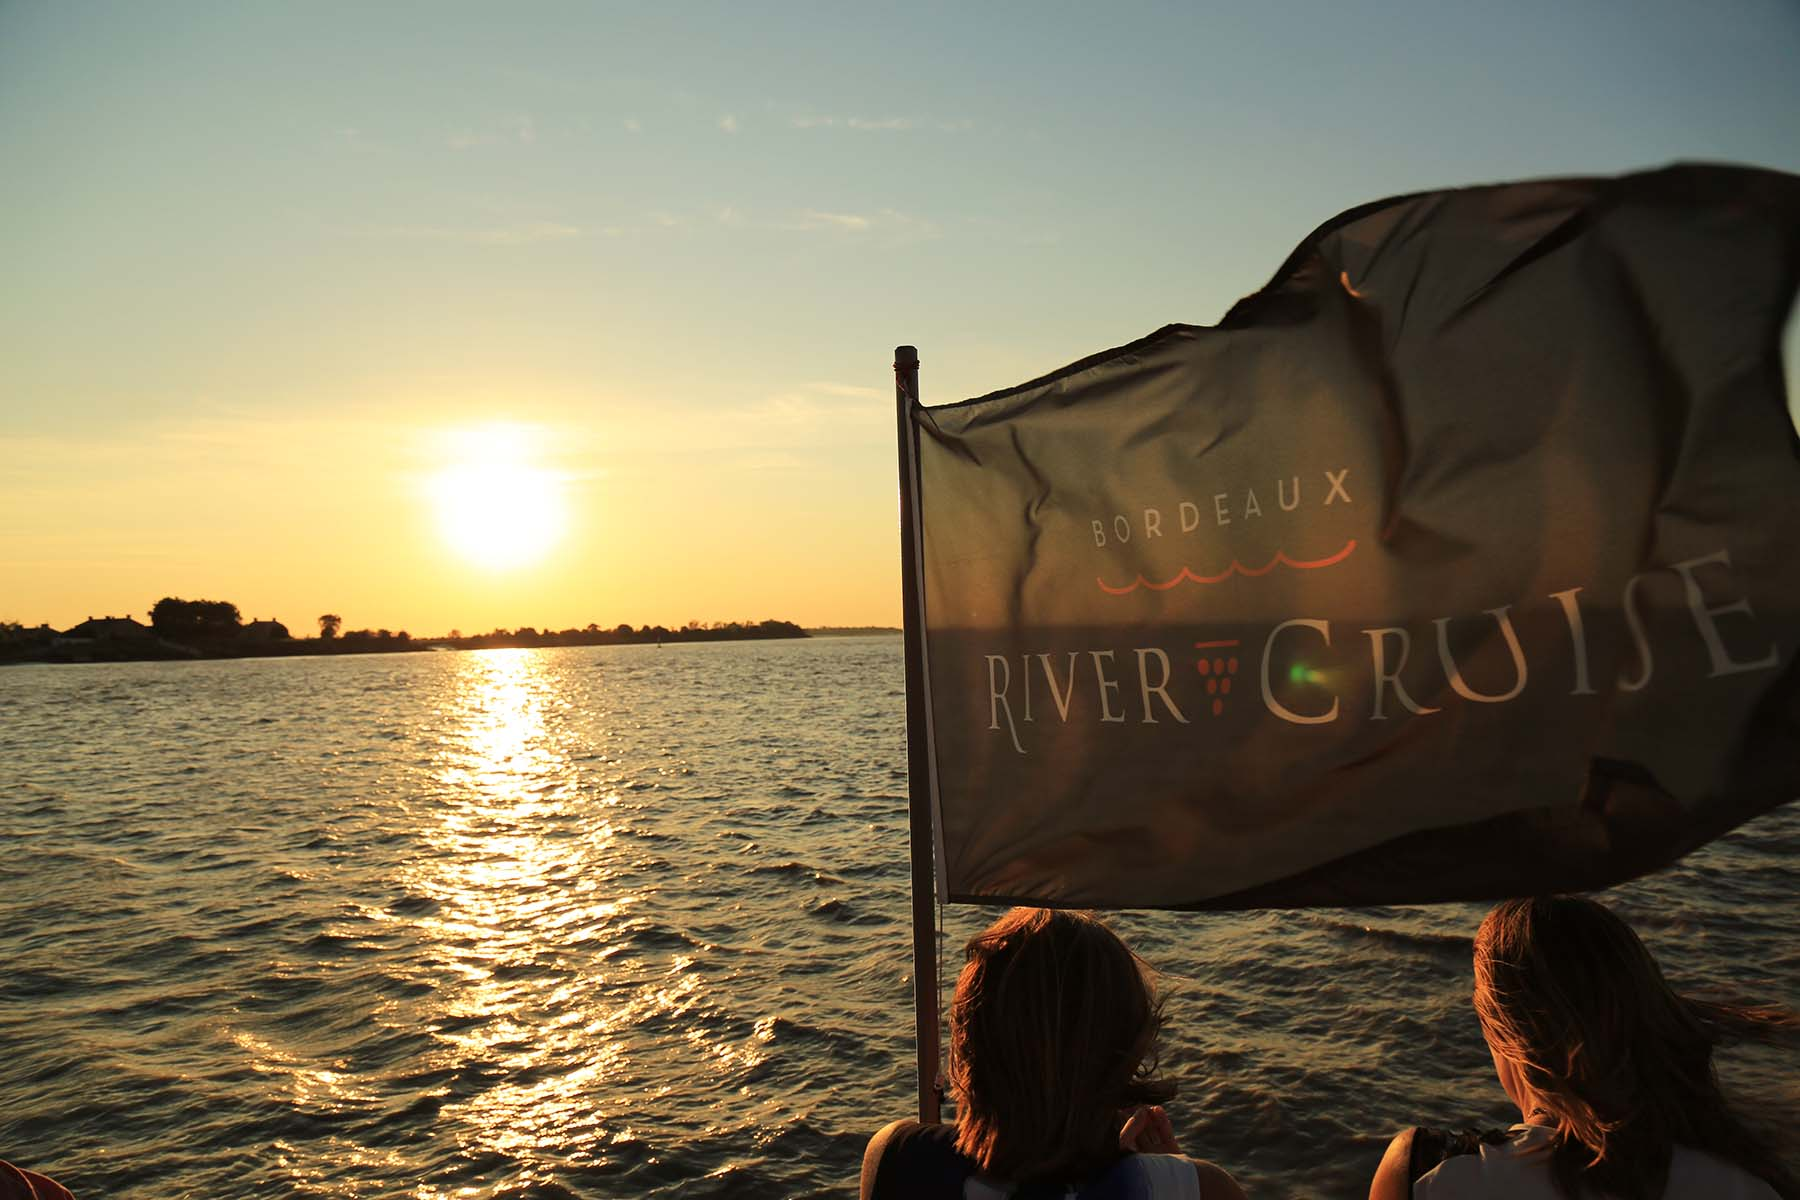 Jeu concours Bordeaux River Cruise